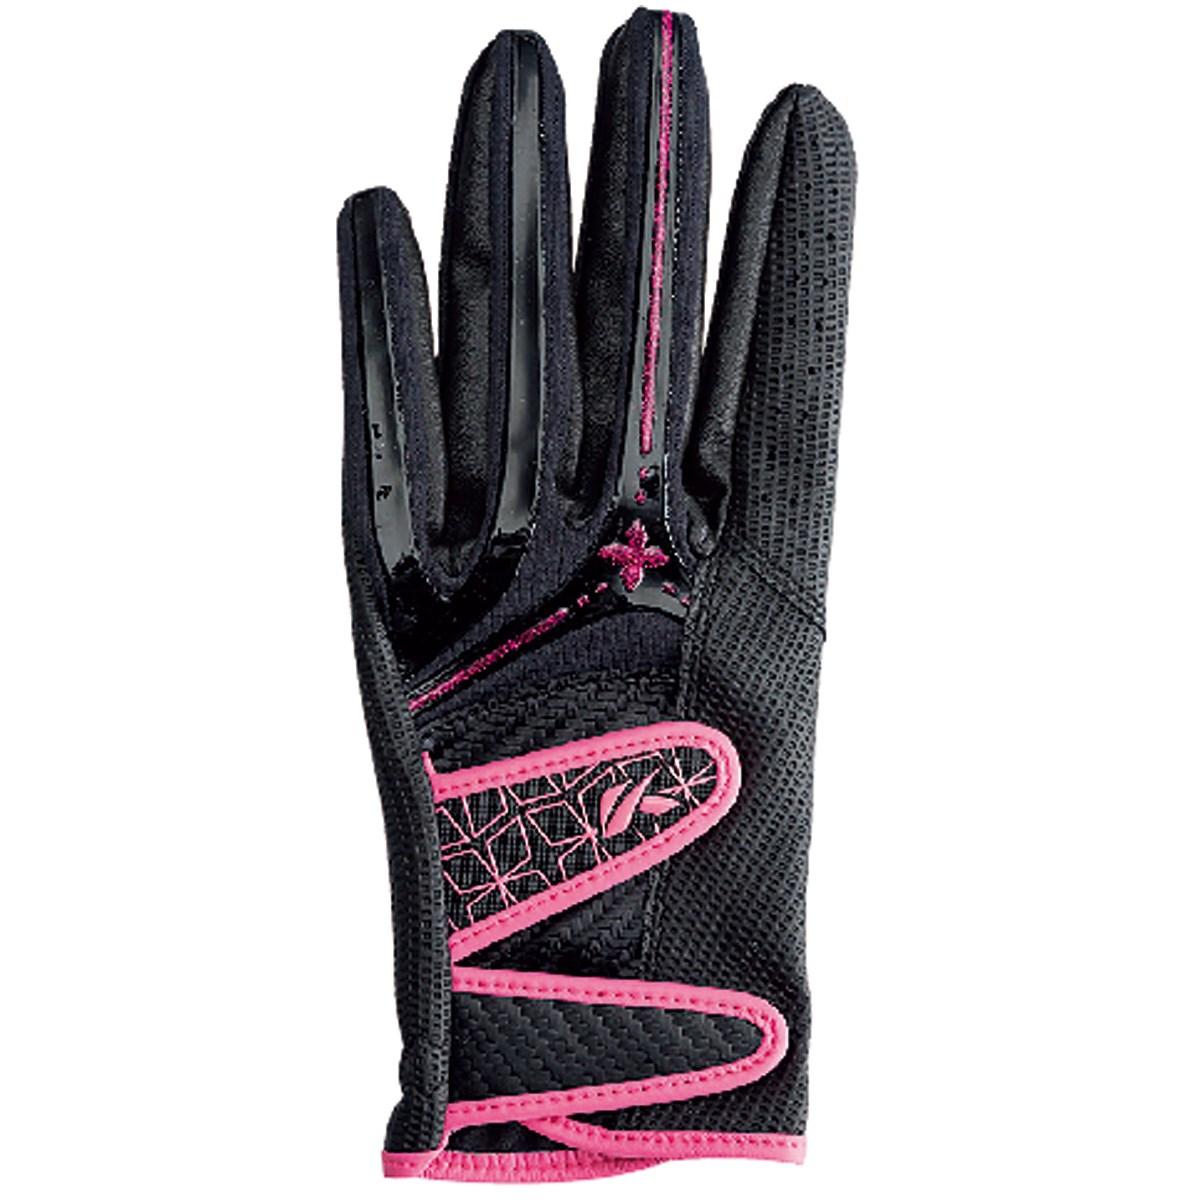 キャスコ KASCO パームフィット グローブ S 左手着用(右利き用) ブラック/ピンク レディス